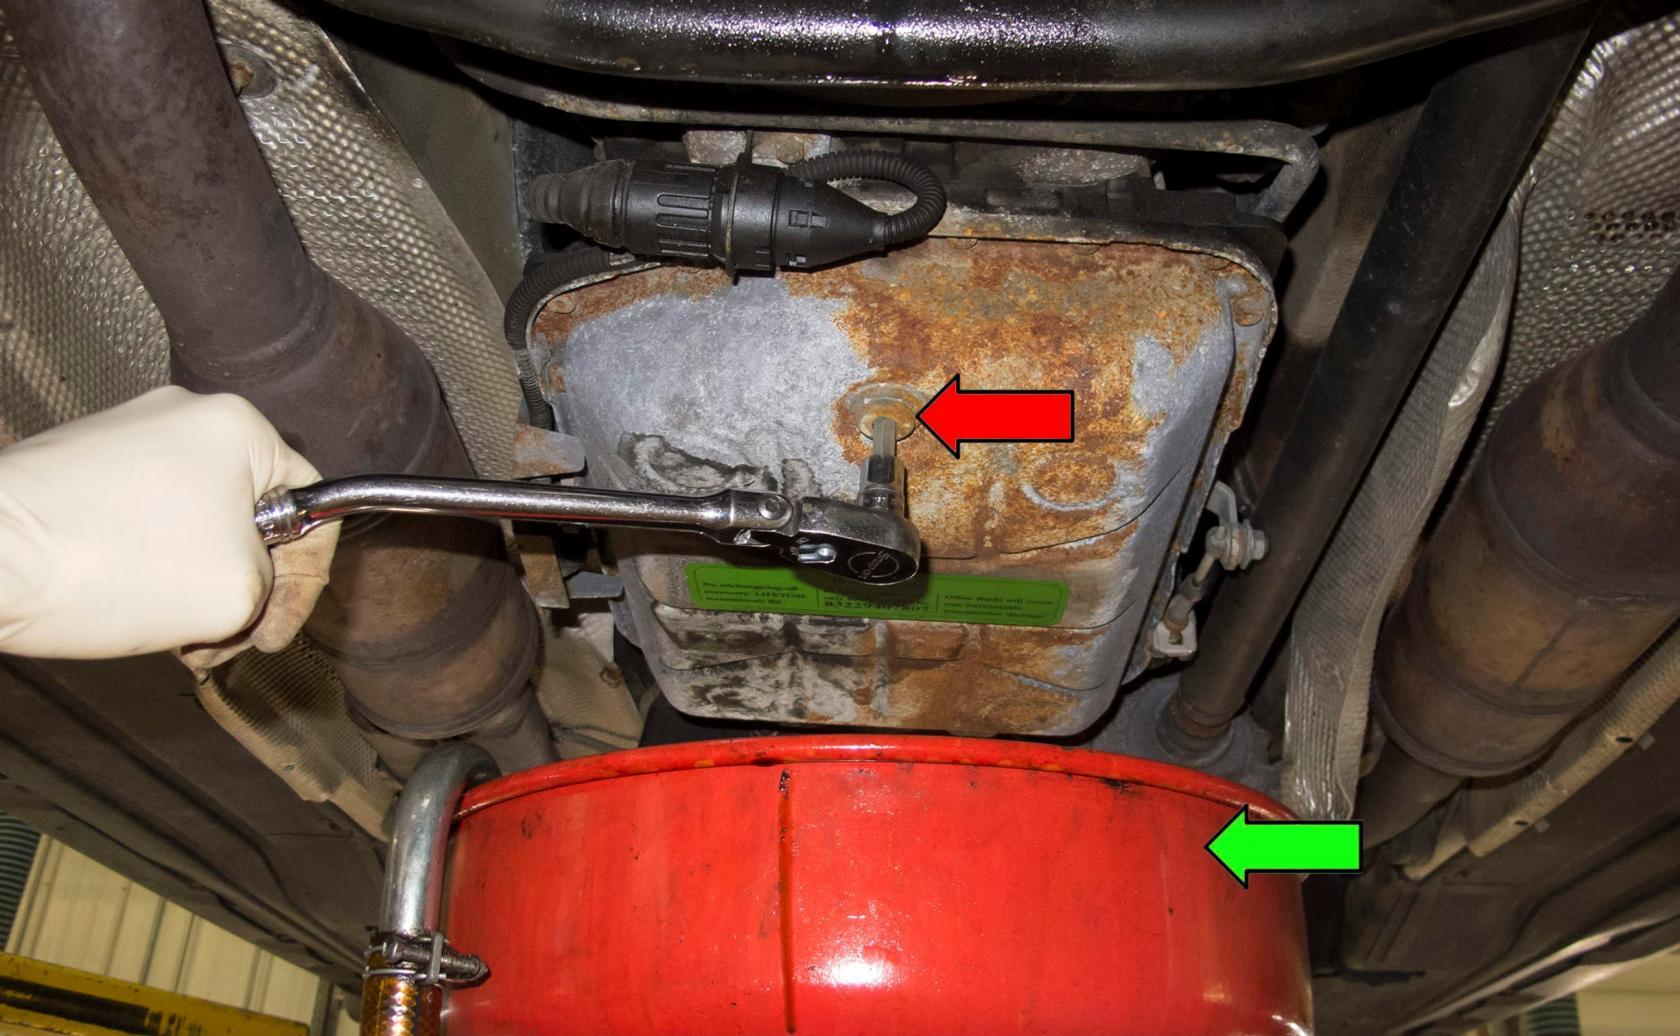 BMW-X5-E53-Vidange-et-entretien-de-la-boite-automatique-3.jpeg